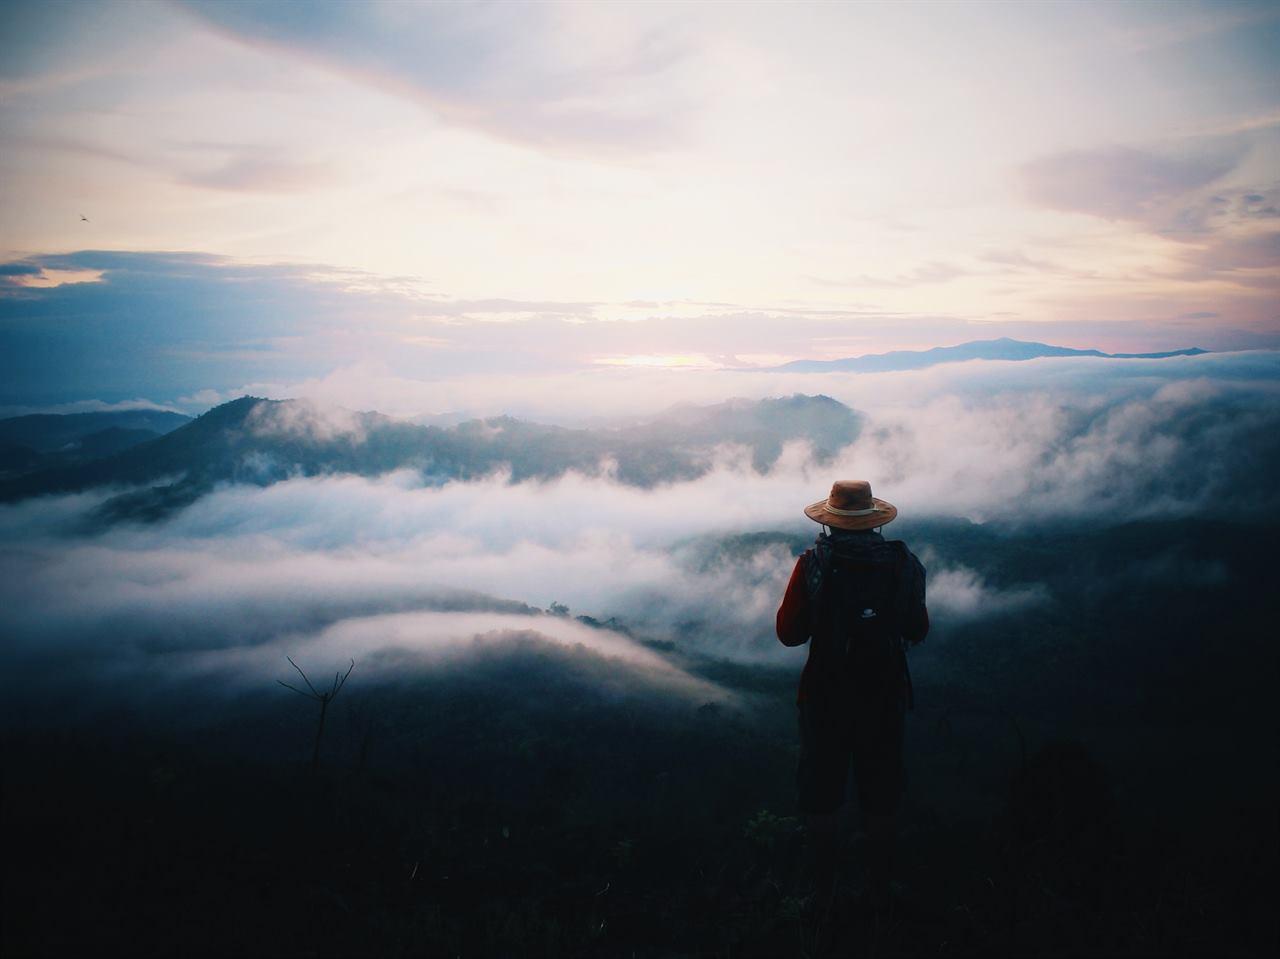 Путешественник над облаками в горах